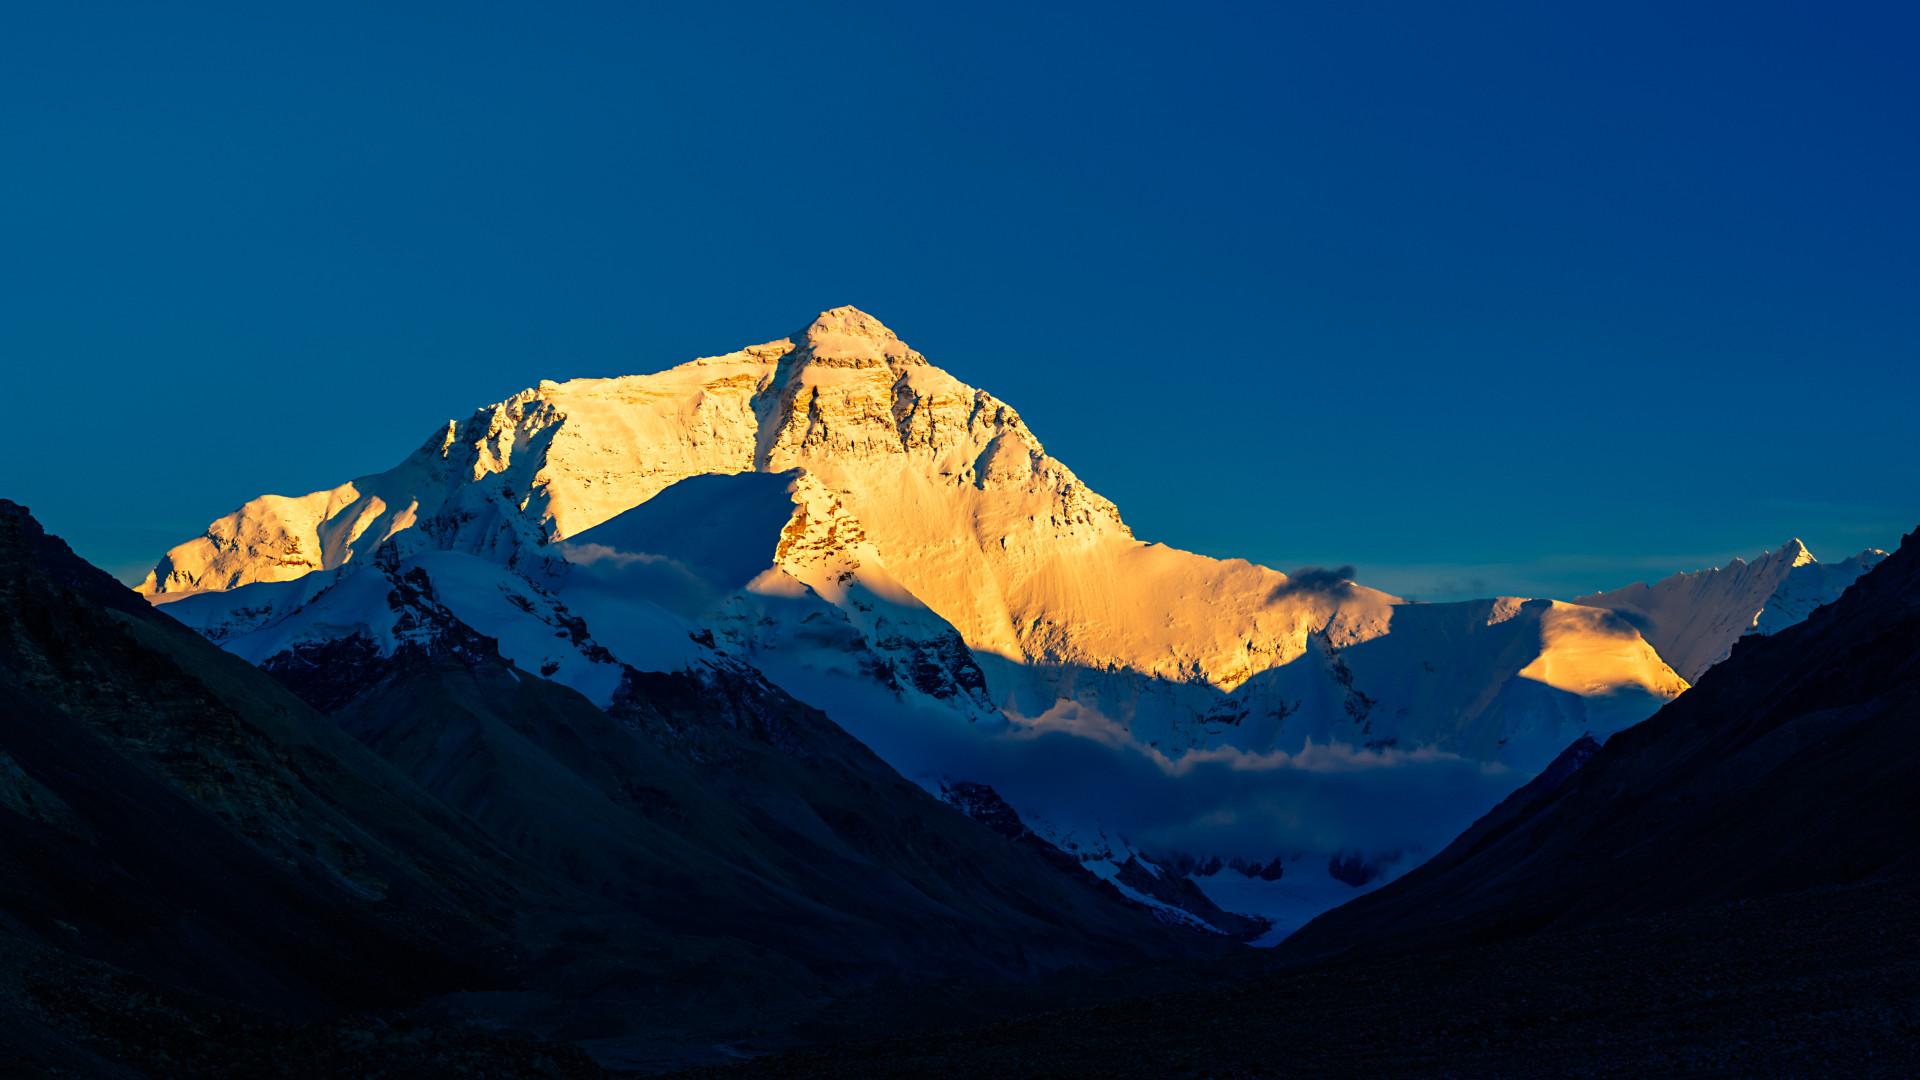 Kínai oldalról lefújták a Mount Everestre induló expedíciókat, nehogy a mászók Nepálból vigyék be a koronavírust